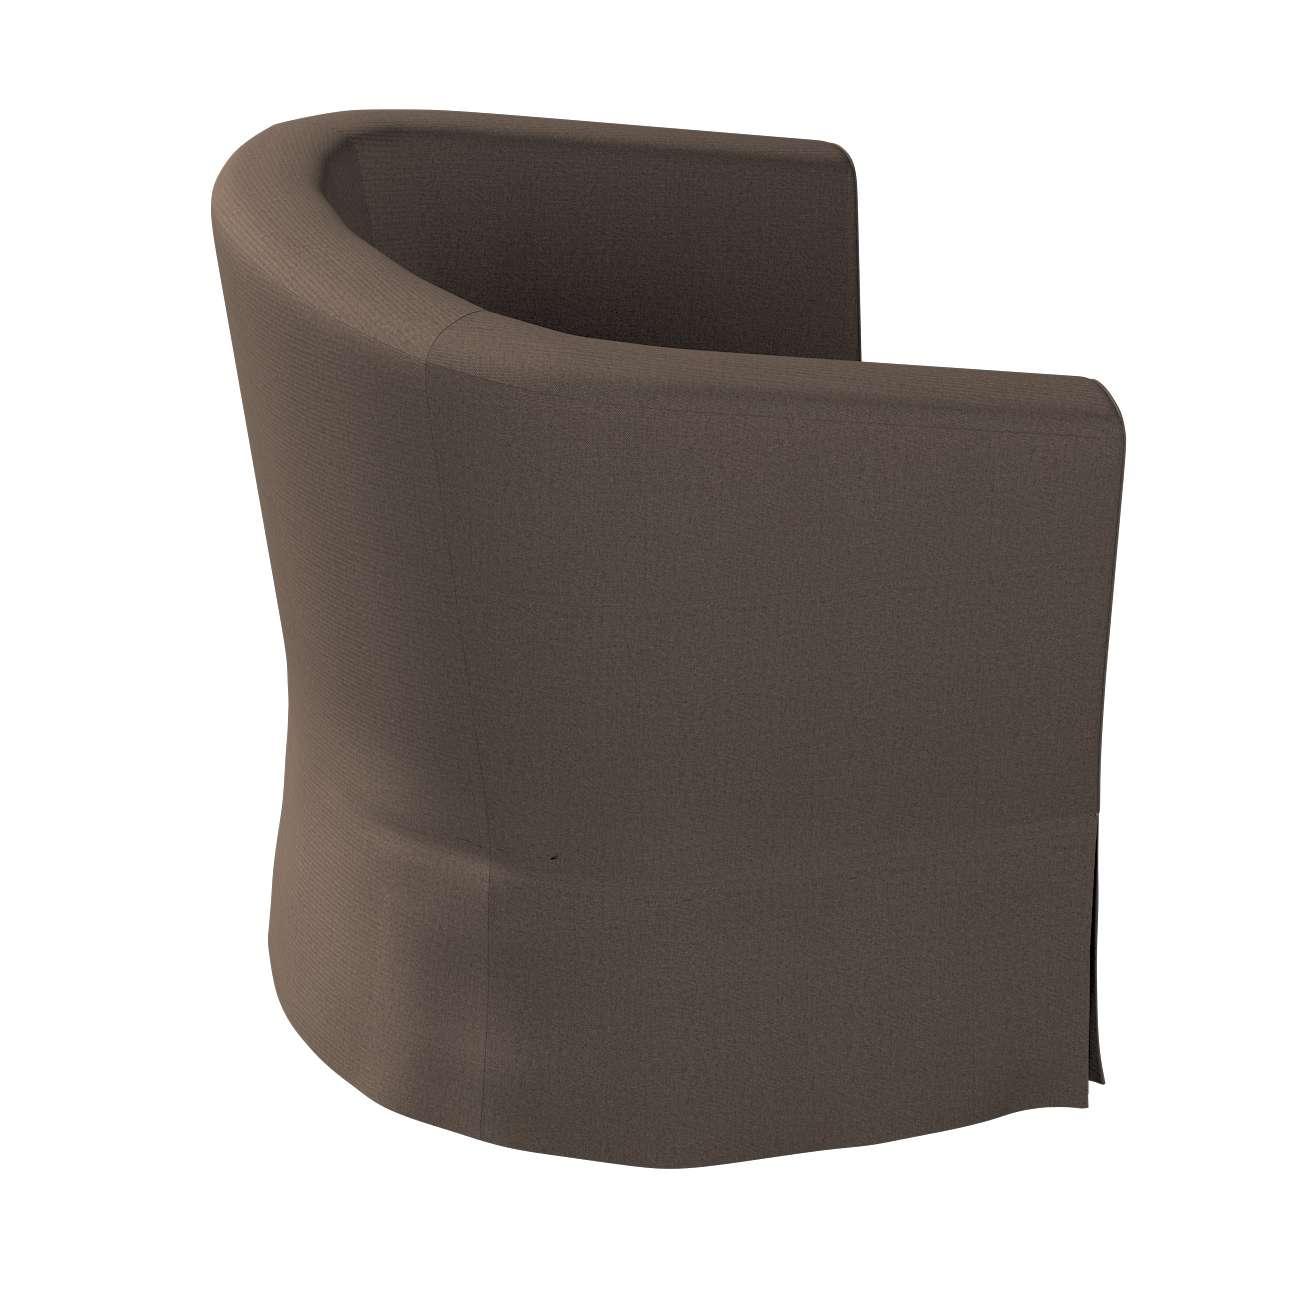 Pokrowiec na fotel Ektorp Tullsta w kolekcji Etna, tkanina: 705-08